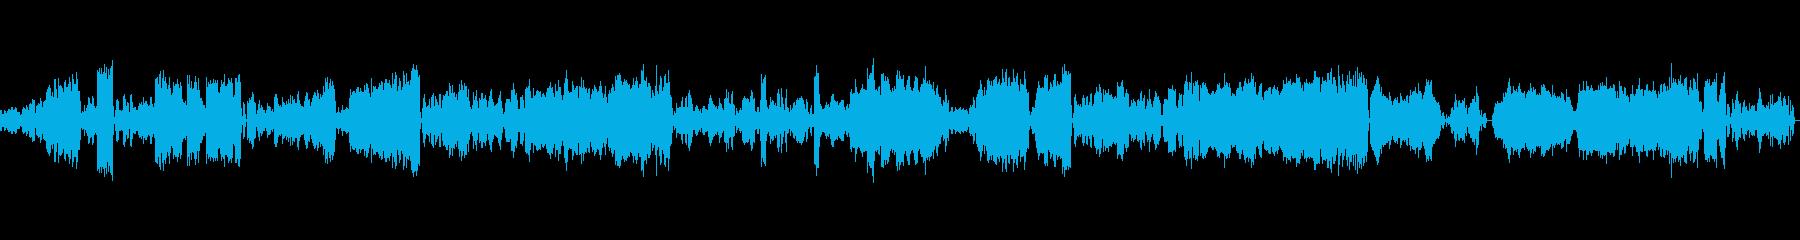 ピアノ協奏曲20番1楽章オーケストラの再生済みの波形